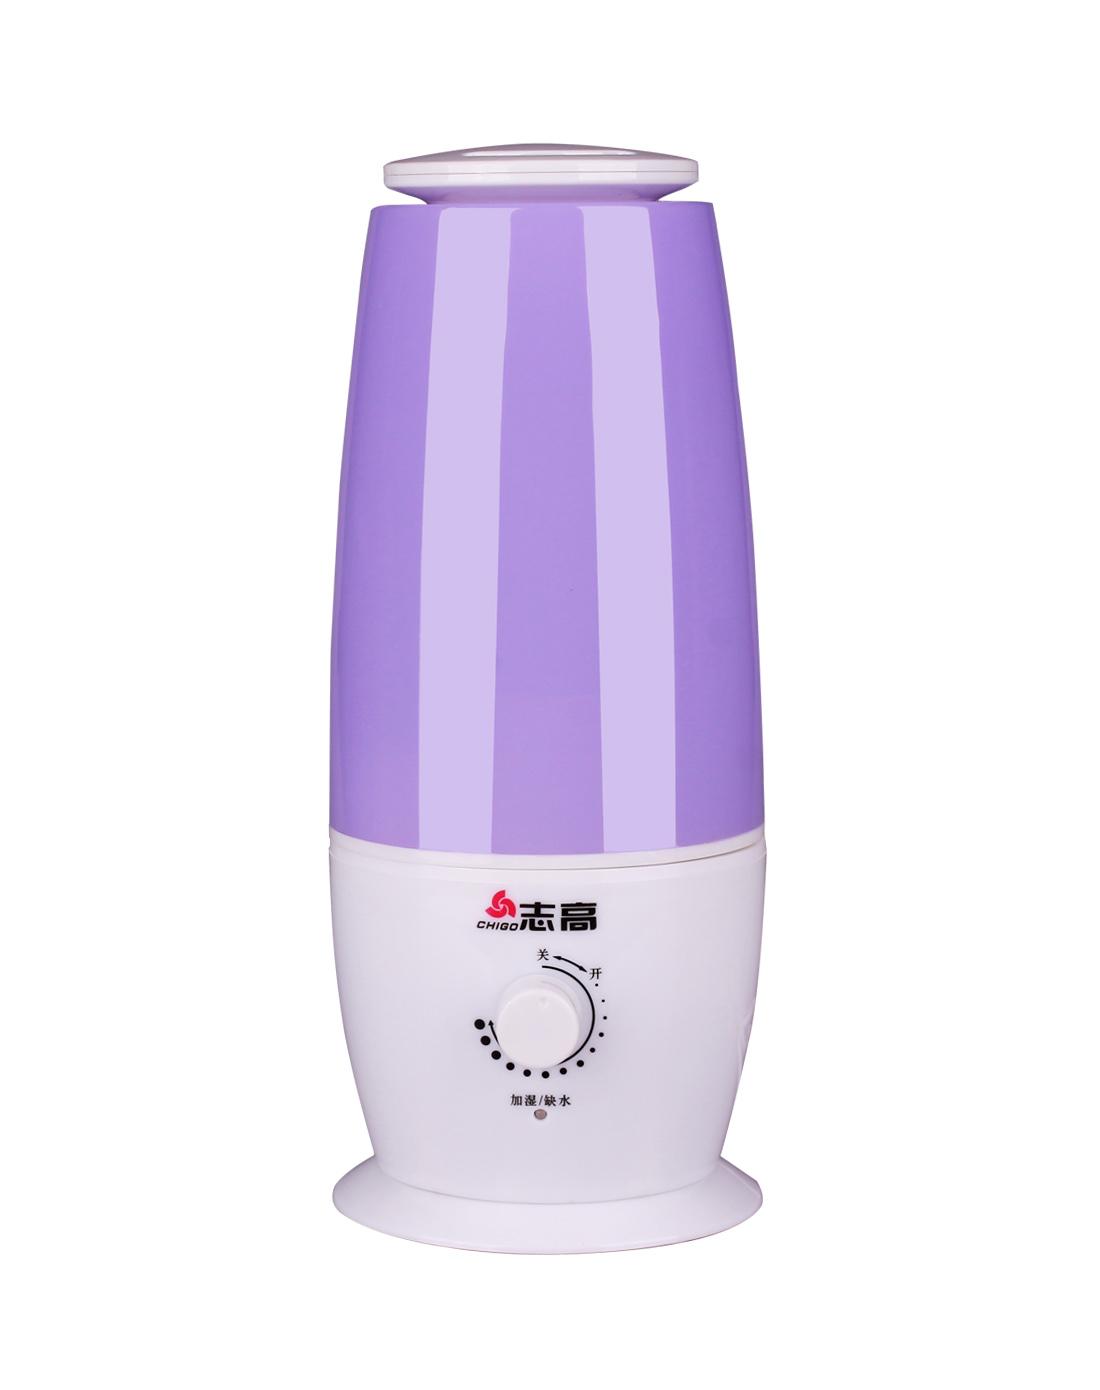 紫色1.5l智能加湿器